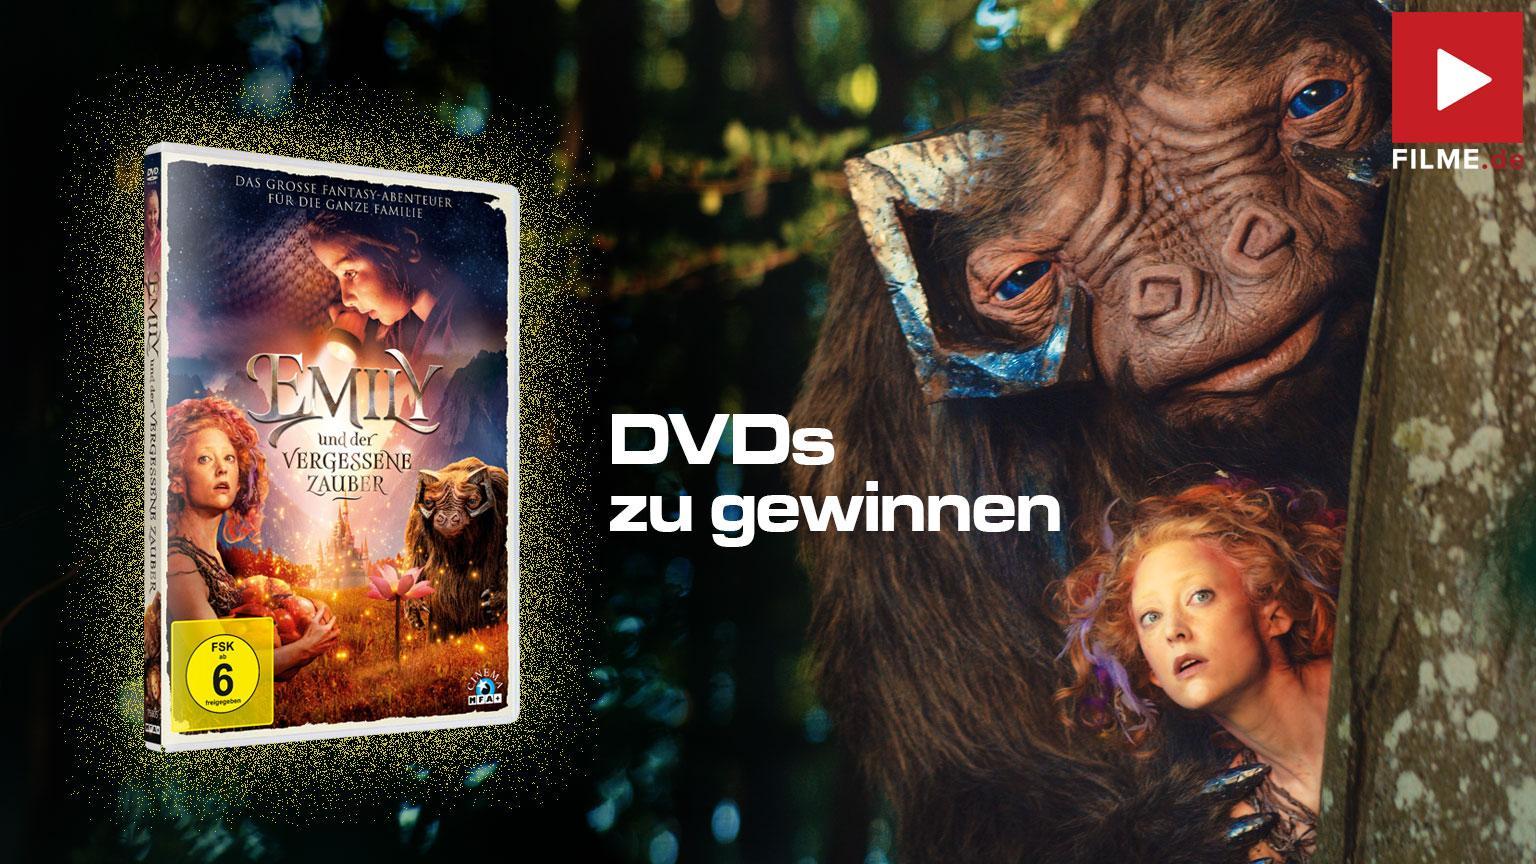 Emely und der vergessene Zuaber Gewinnspiel gewinnen shop kaufen DVD Blu-ray Artikelbild